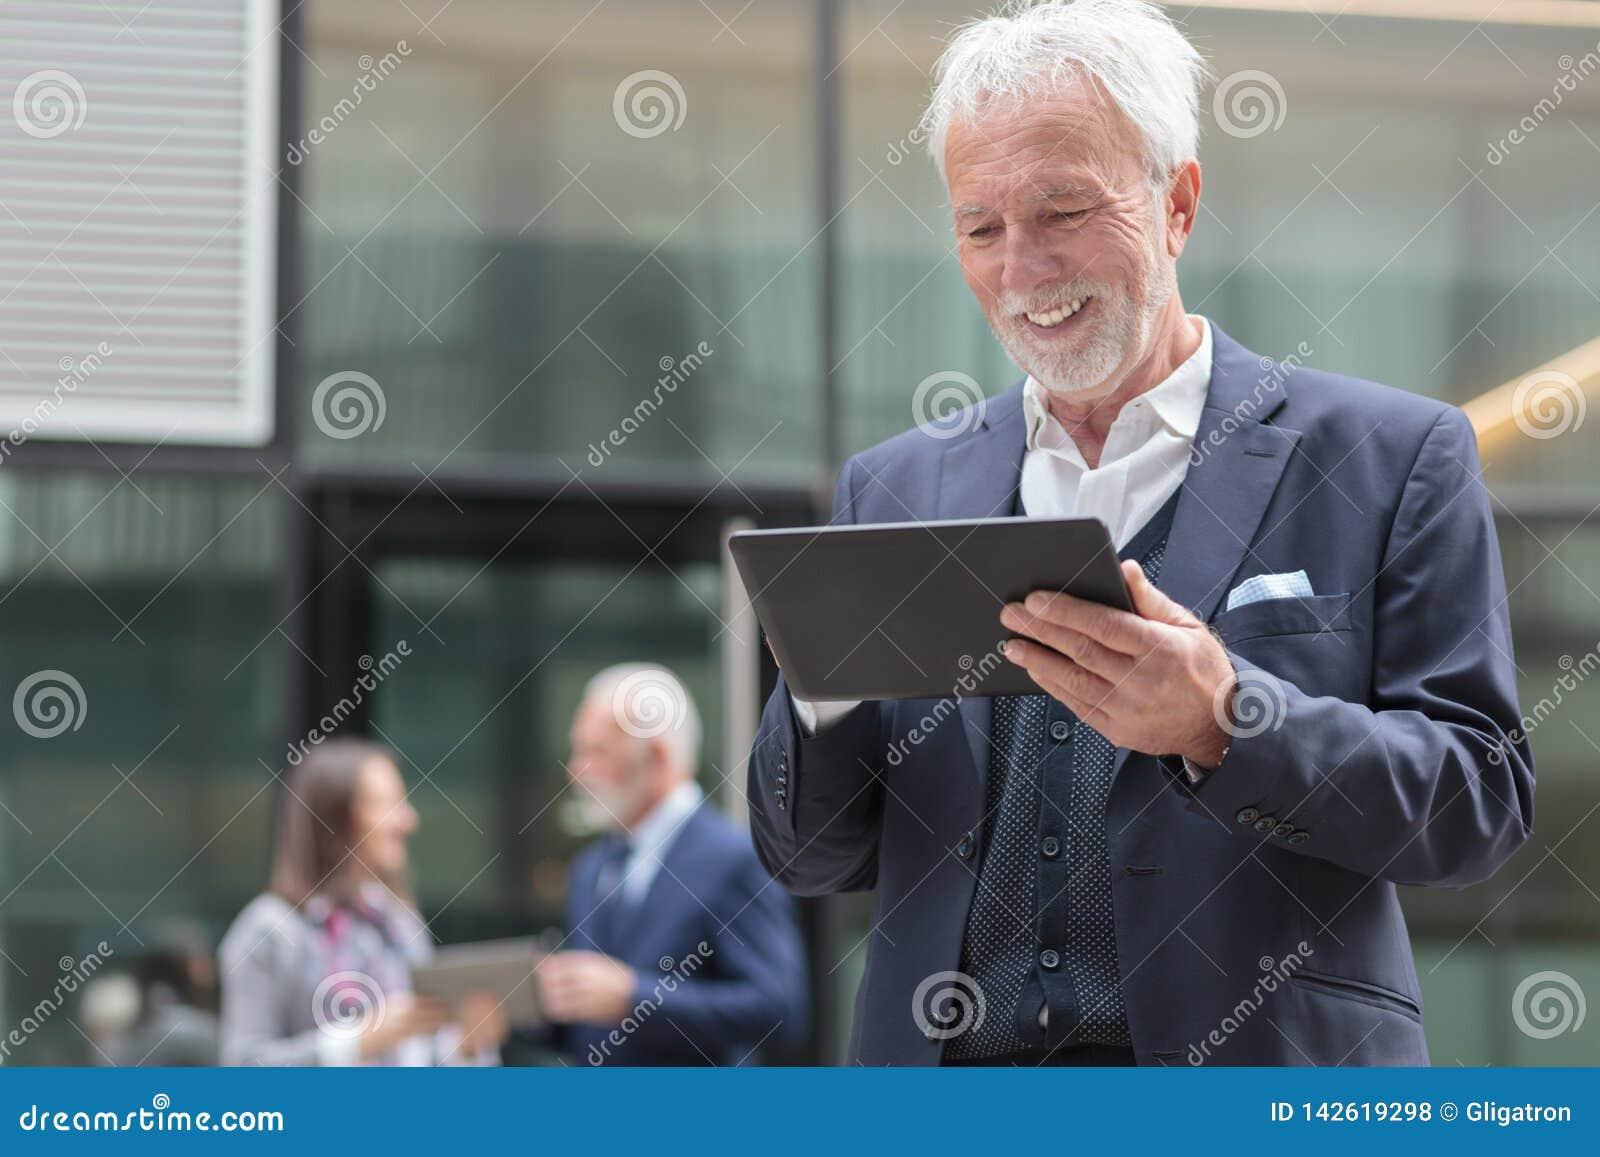 Χαμογελώντας ανώτερος επιχειρηματίας που χρησιμοποιεί μια ταμπλέτα, που στέκεται σε ένα πεζοδρόμιο μπροστά από ένα κτίριο γραφείω